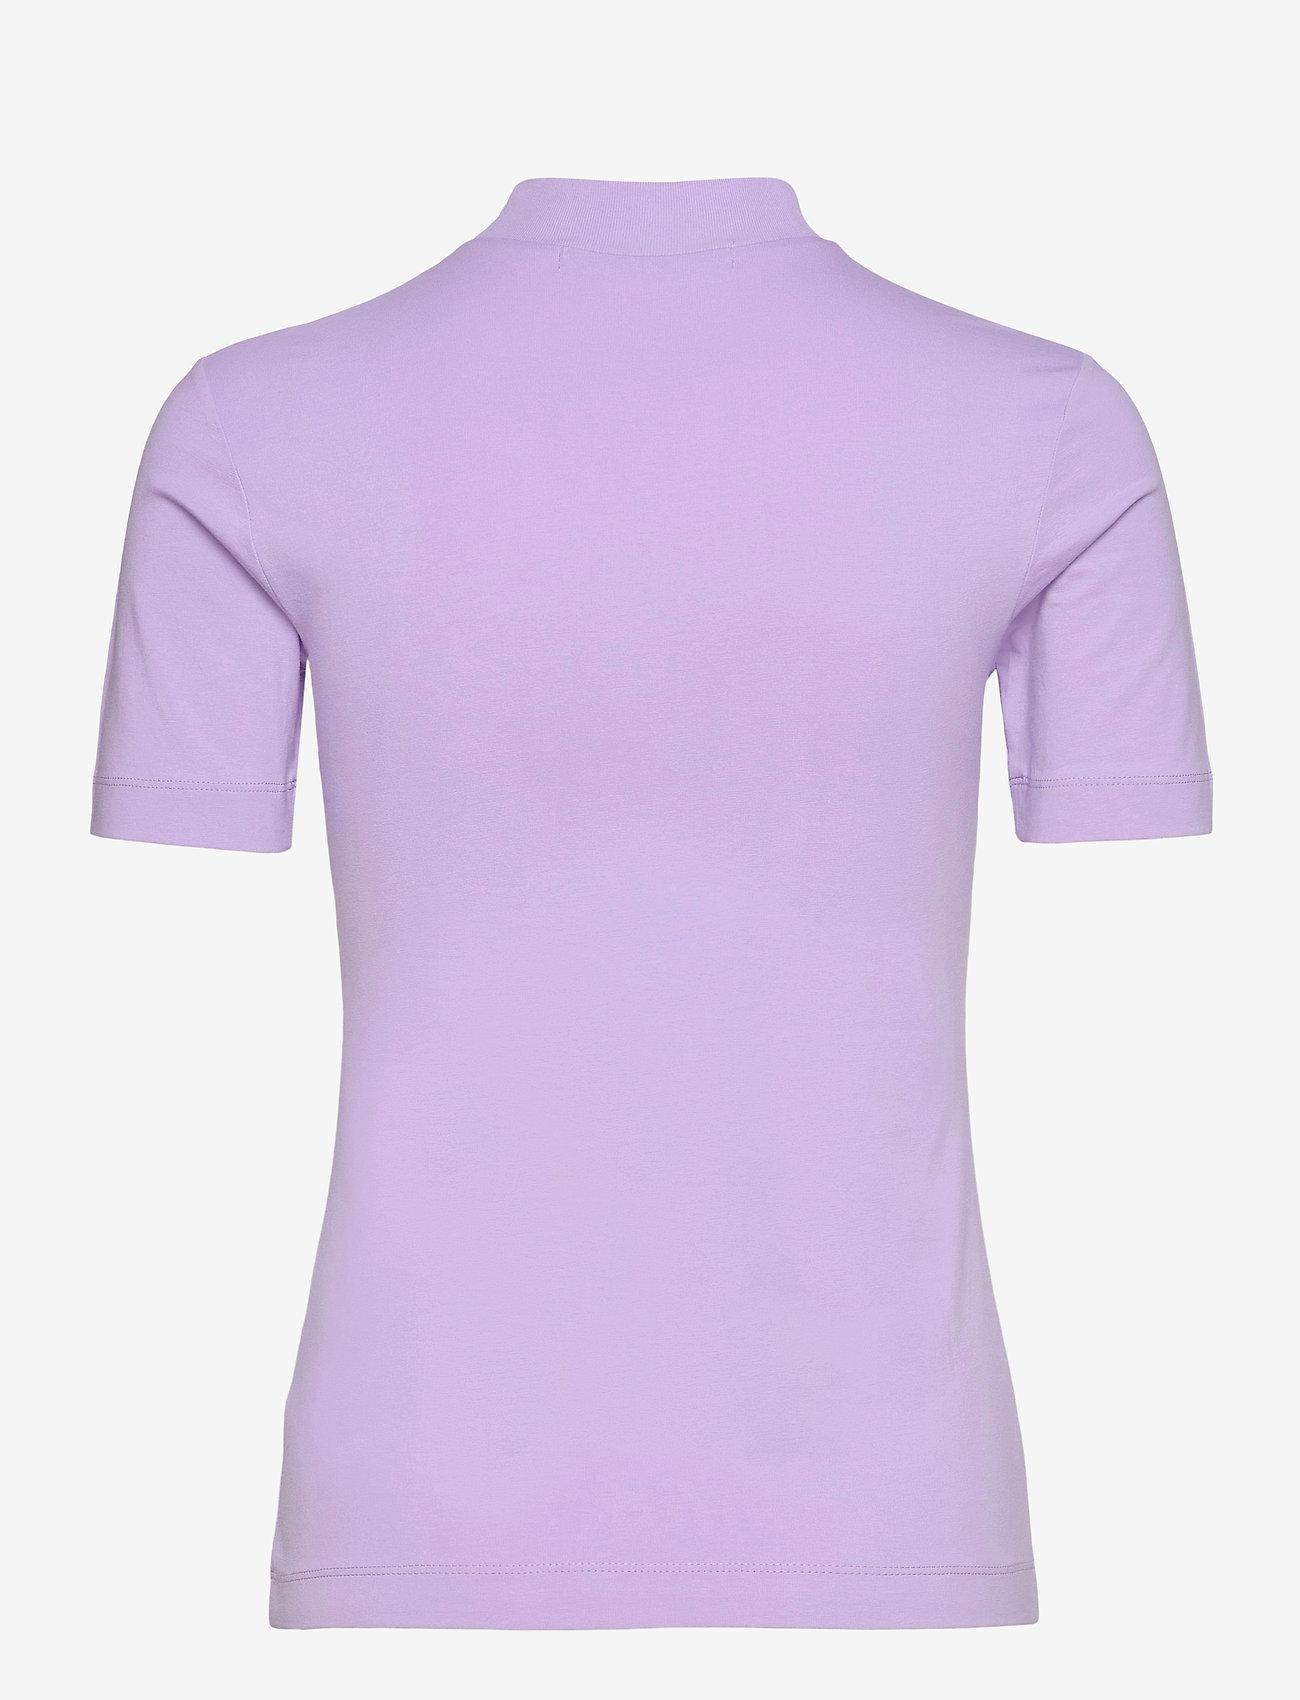 Calvin Klein Jeans - MICRO BRANDING STRETCH MOCK NECK - t-shirts - palma lilac - 1